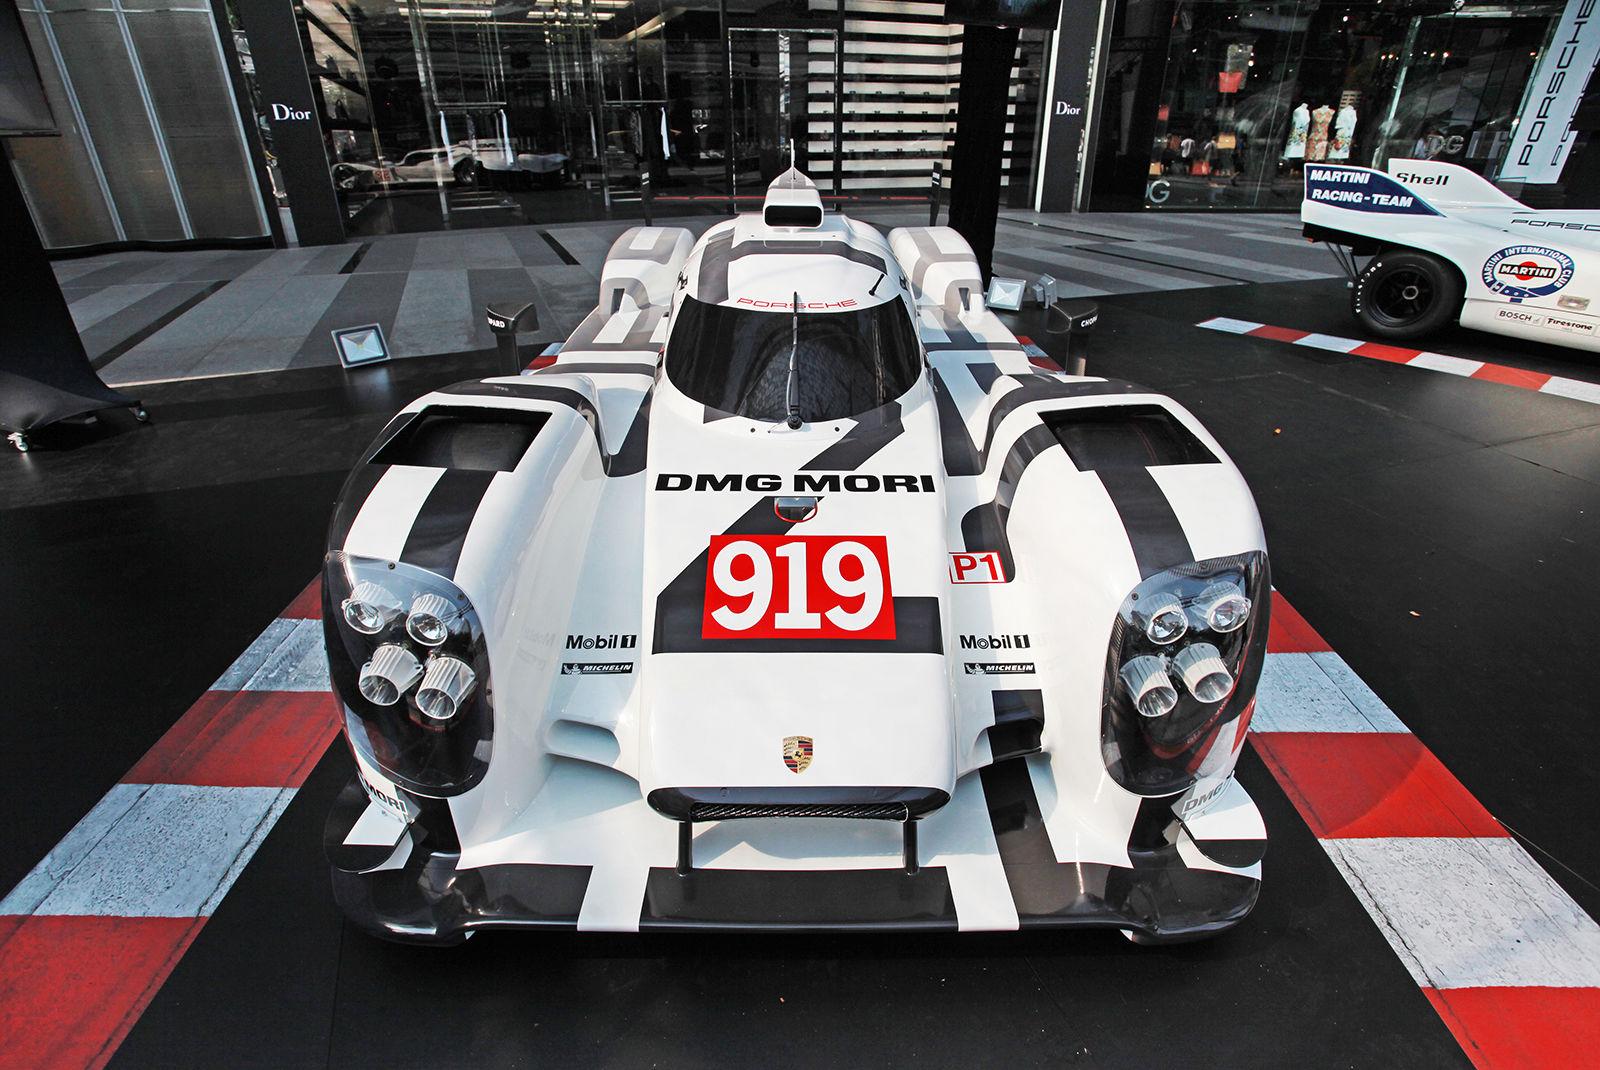 Porsche đấu giá mô hình 919 Hybrid kích thước thật